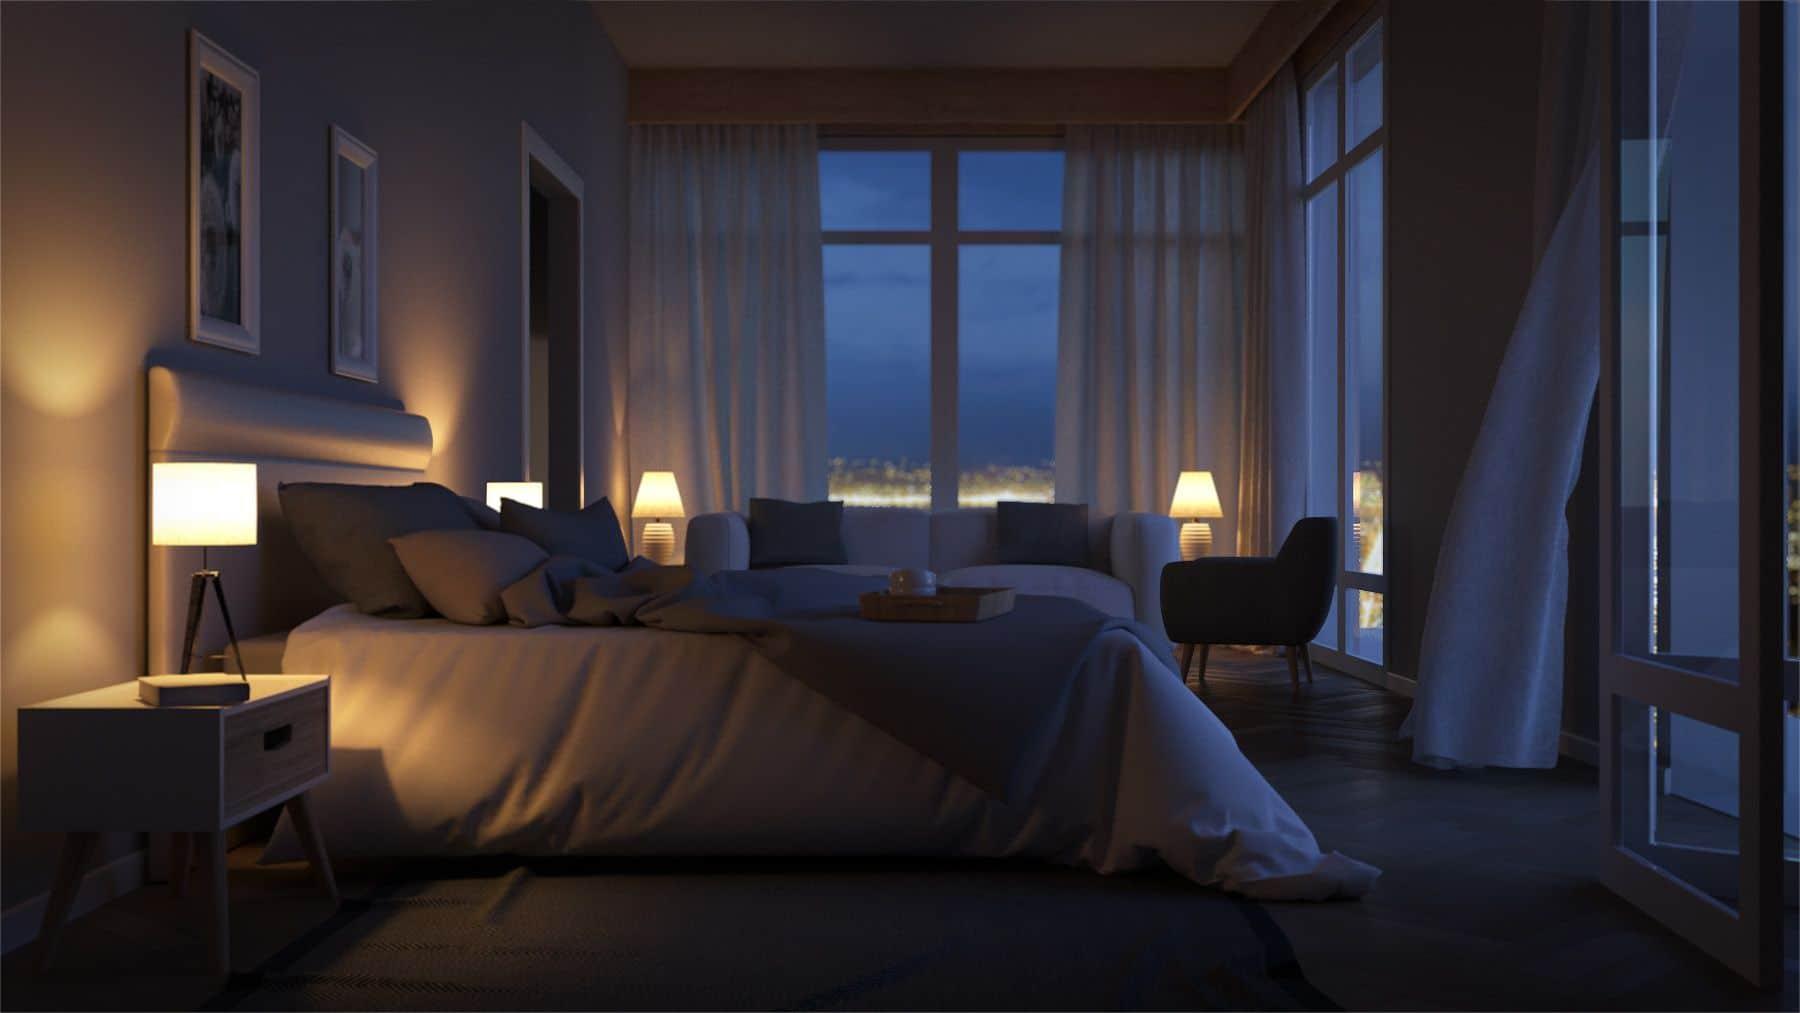 Iluminación de un interior con 3Ds Max y V-Ray